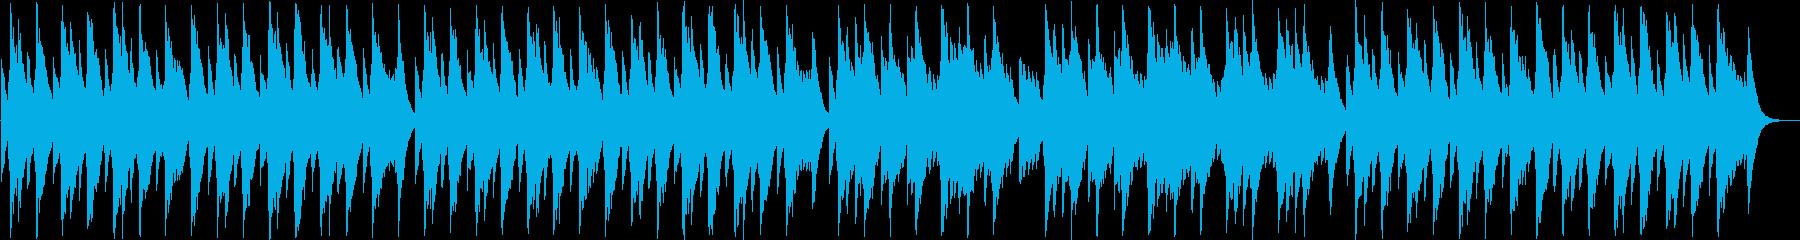 花の歌/ランゲ(オルゴール)の再生済みの波形